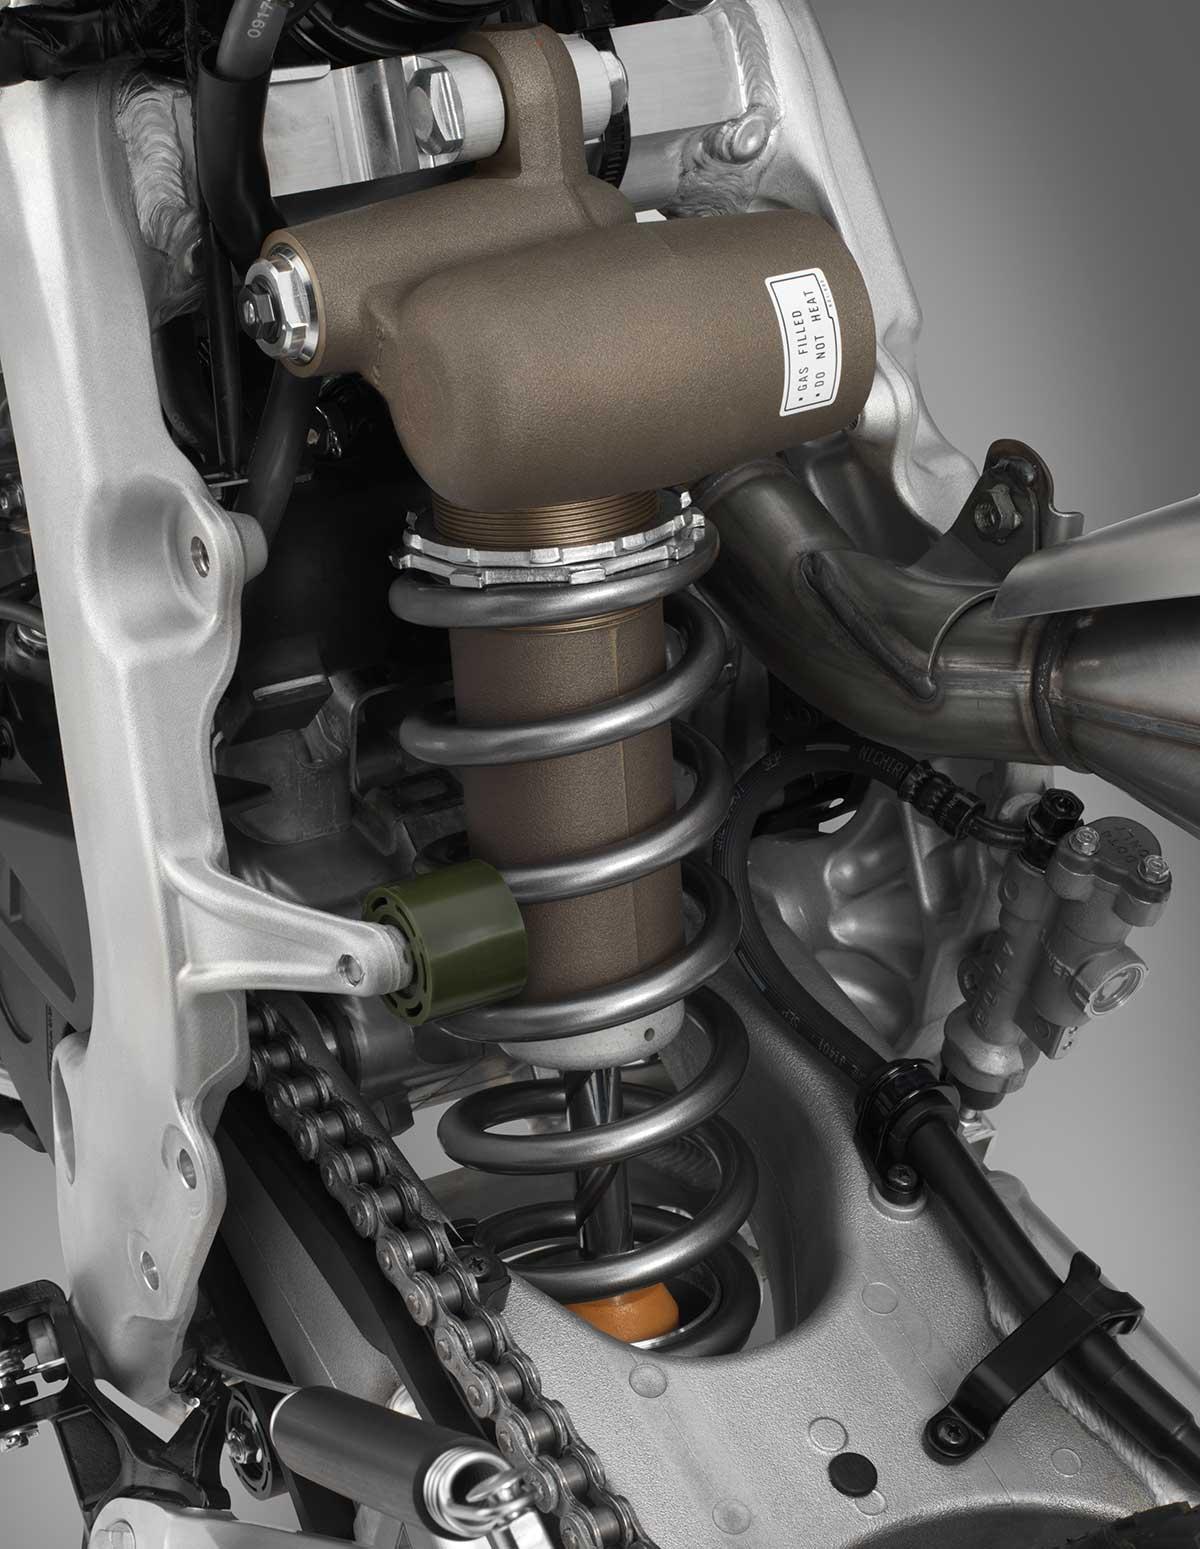 19-Honda-CRF450X_shock.jpg